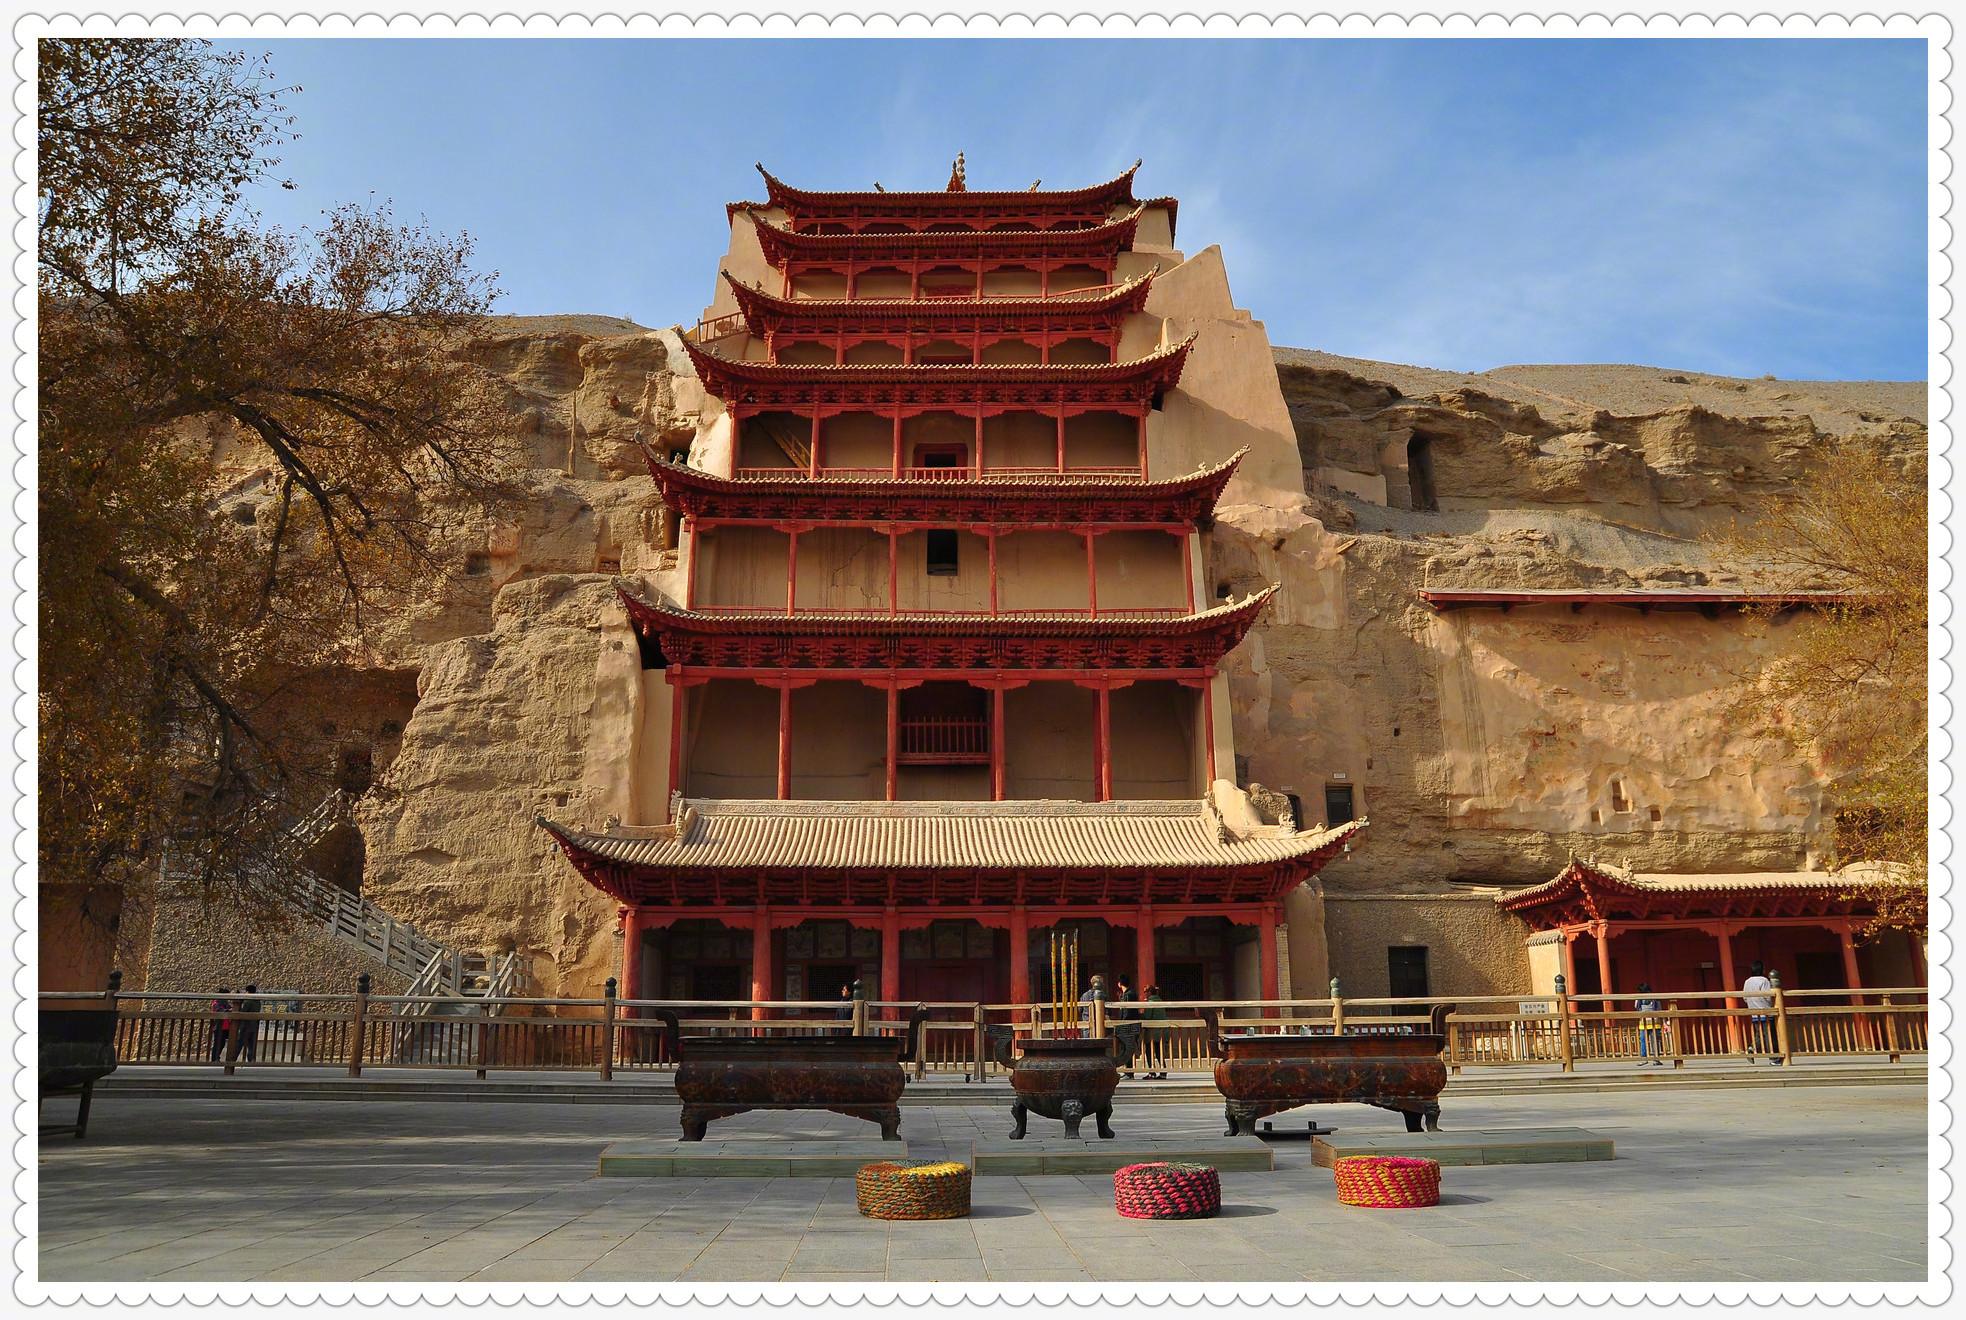 世界文化遗产-甘肃敦煌莫高窟,有洞窟735个,壁画4